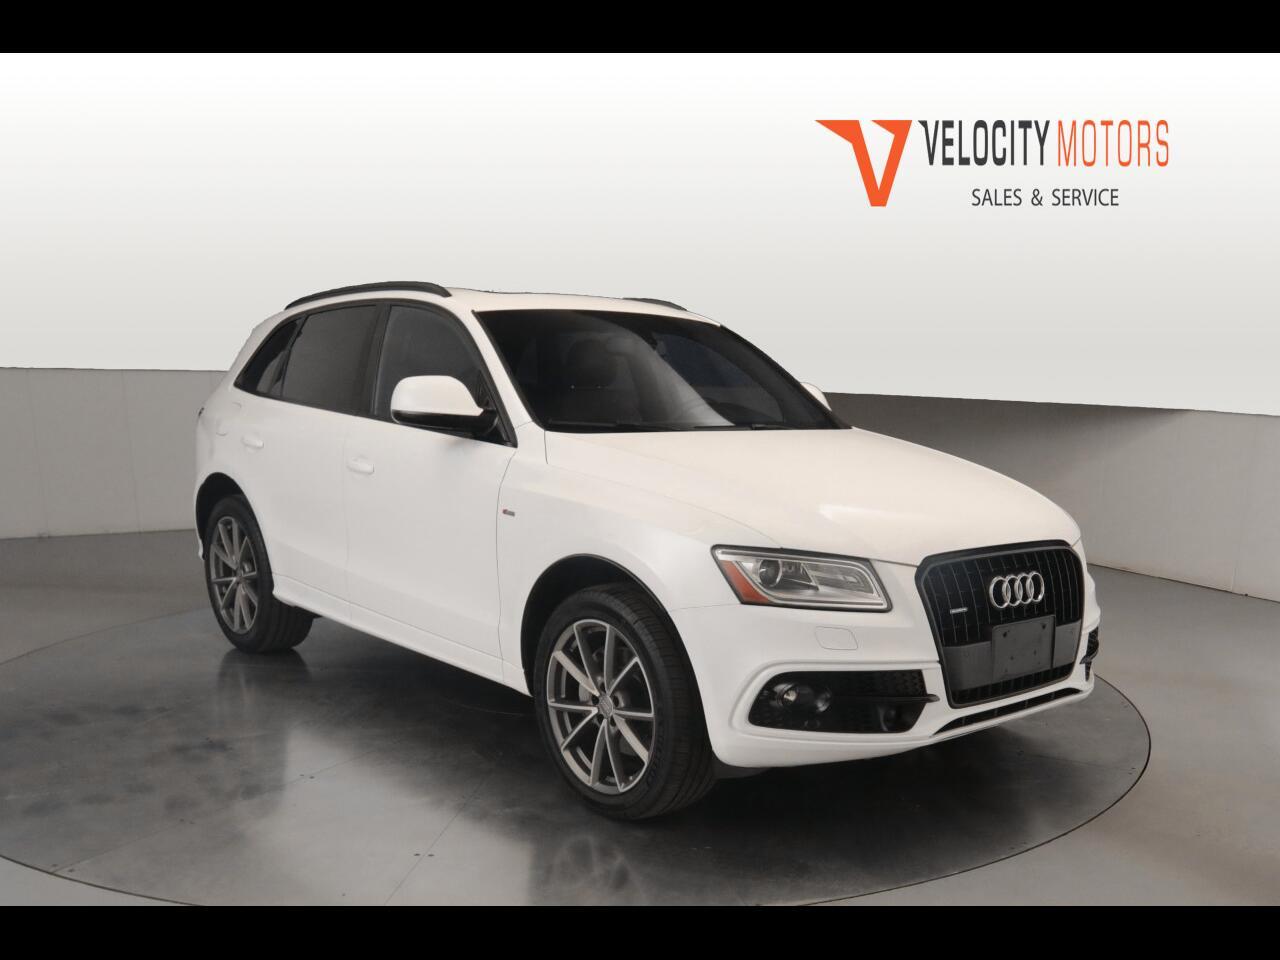 Audi Q5 3.0T Prestige quattro 2016